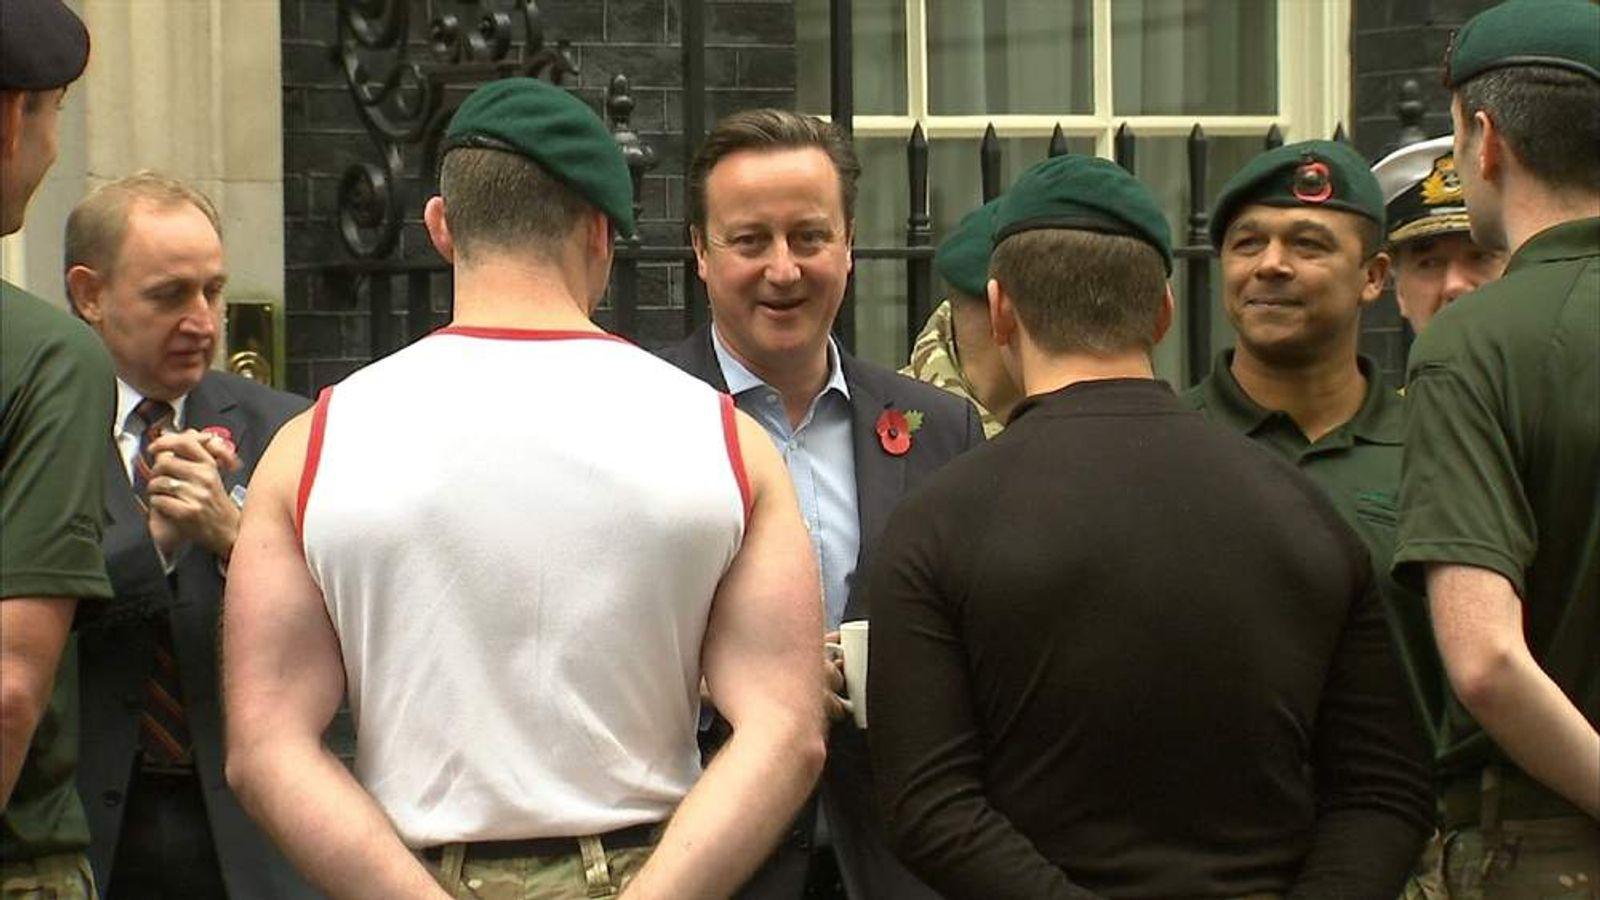 David Cameron and Royal Marines